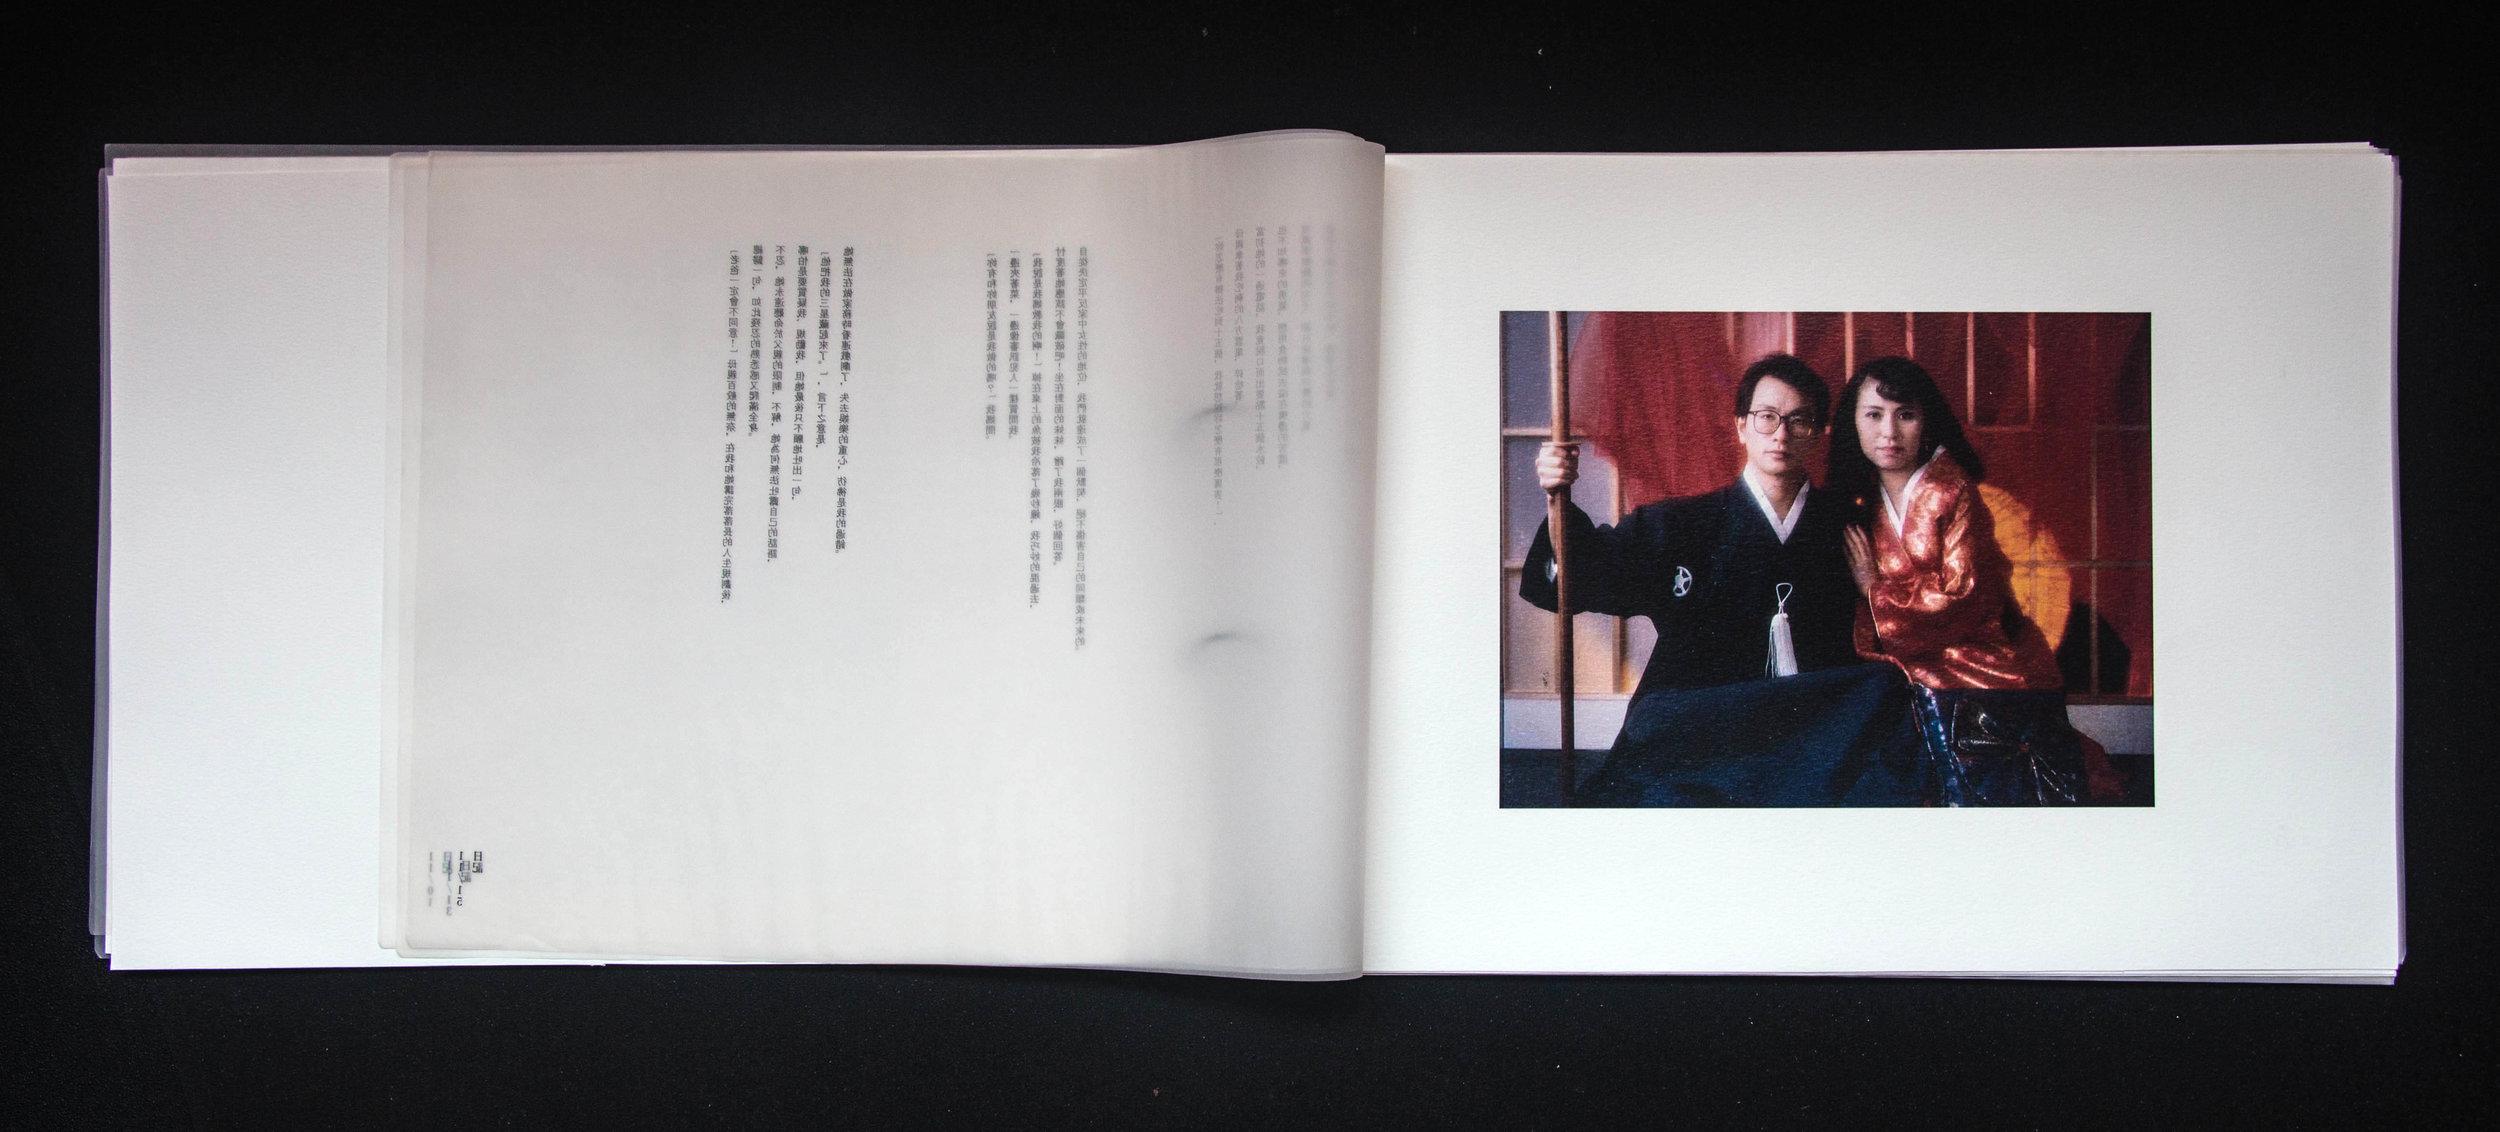 何佩玲的作品《母親極度漠視的疼痛》其一。(圖片來源/何佩玲)